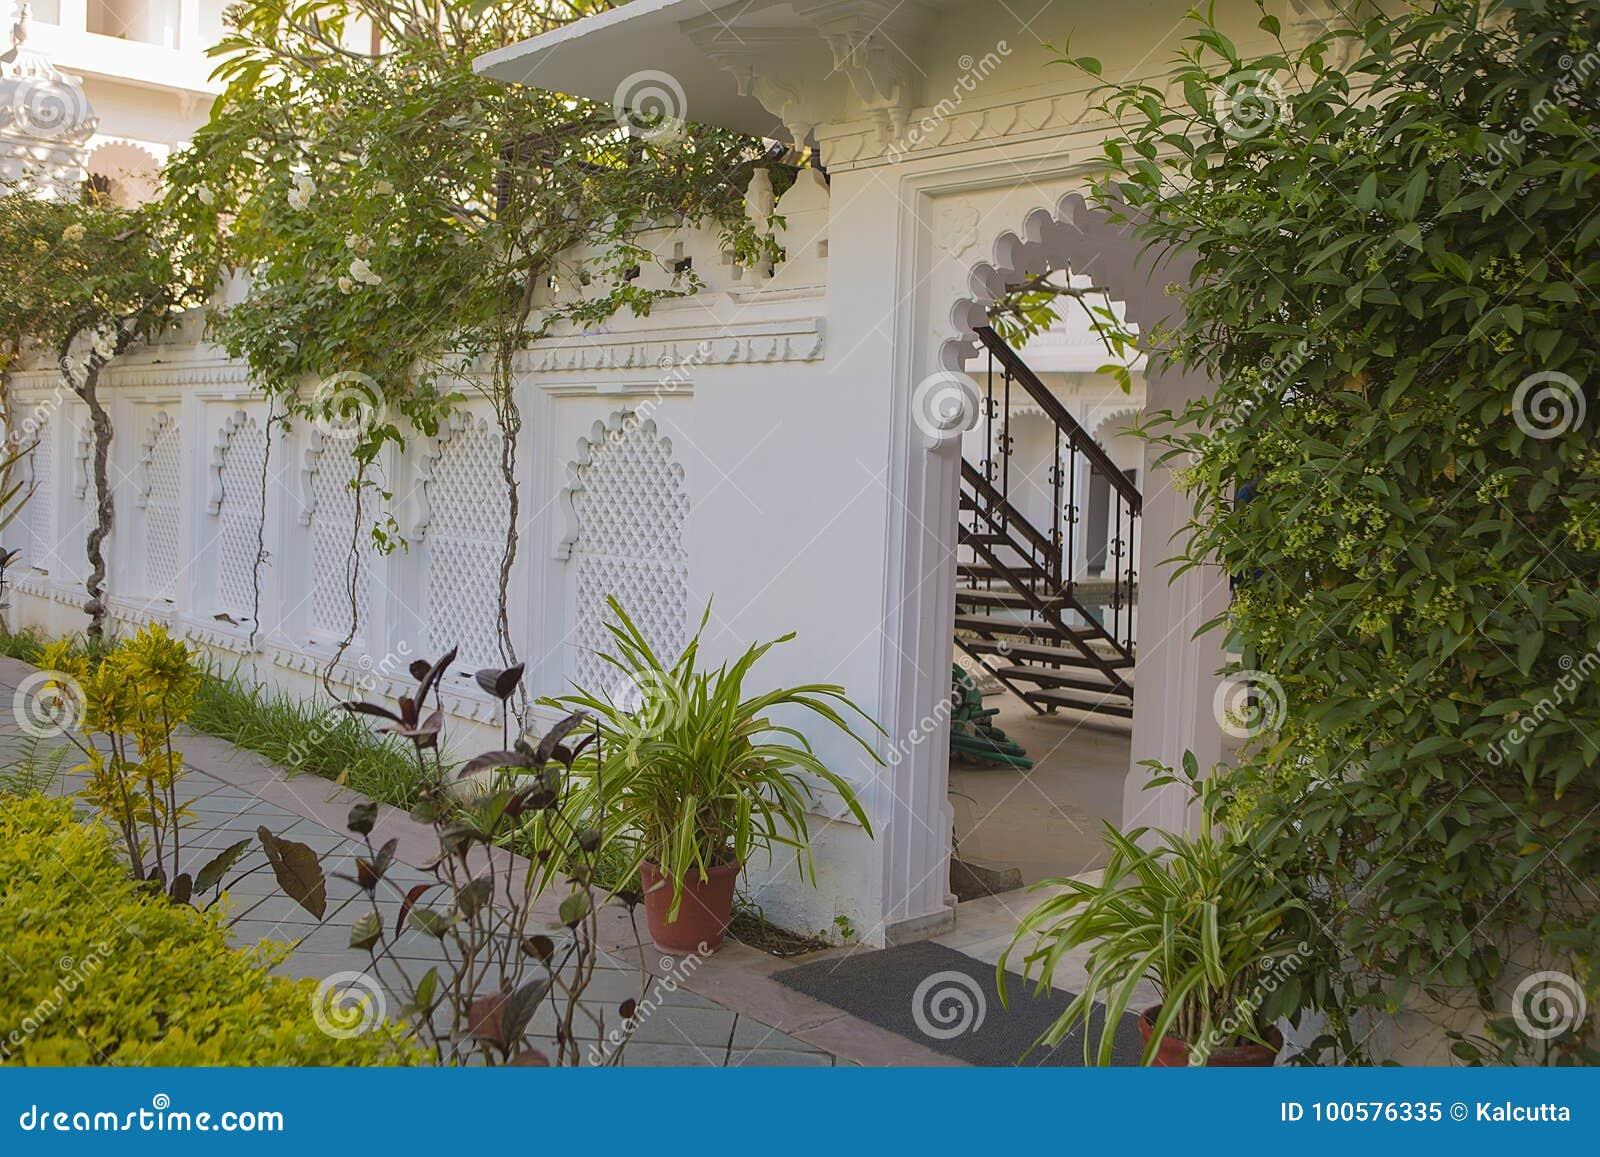 Jardin Exotique Conception De Paysage Du Jardin Image Stock Image